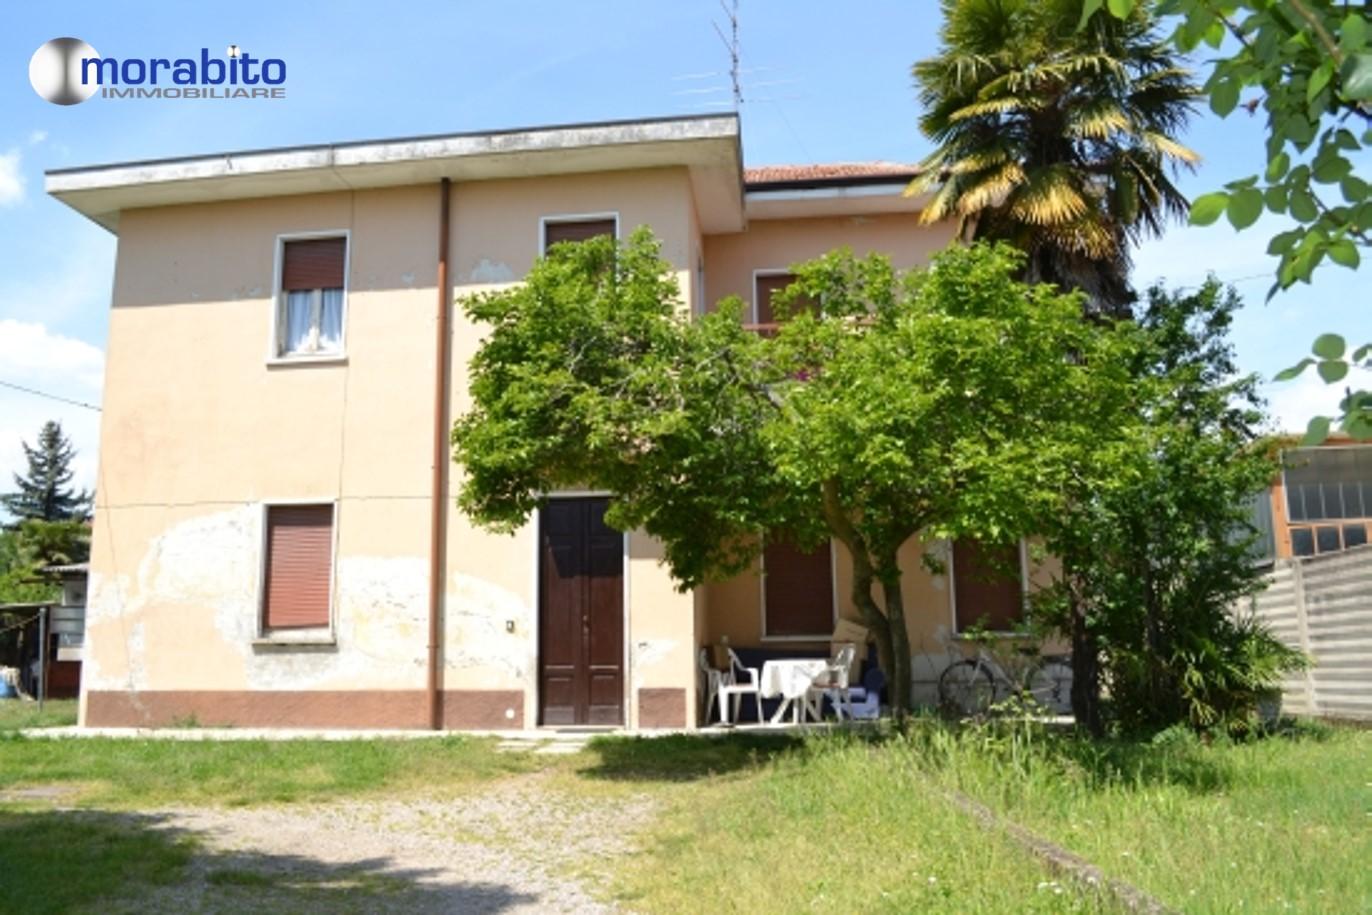 Soluzione Indipendente in vendita a Arconate, 4 locali, prezzo € 220.000 | CambioCasa.it